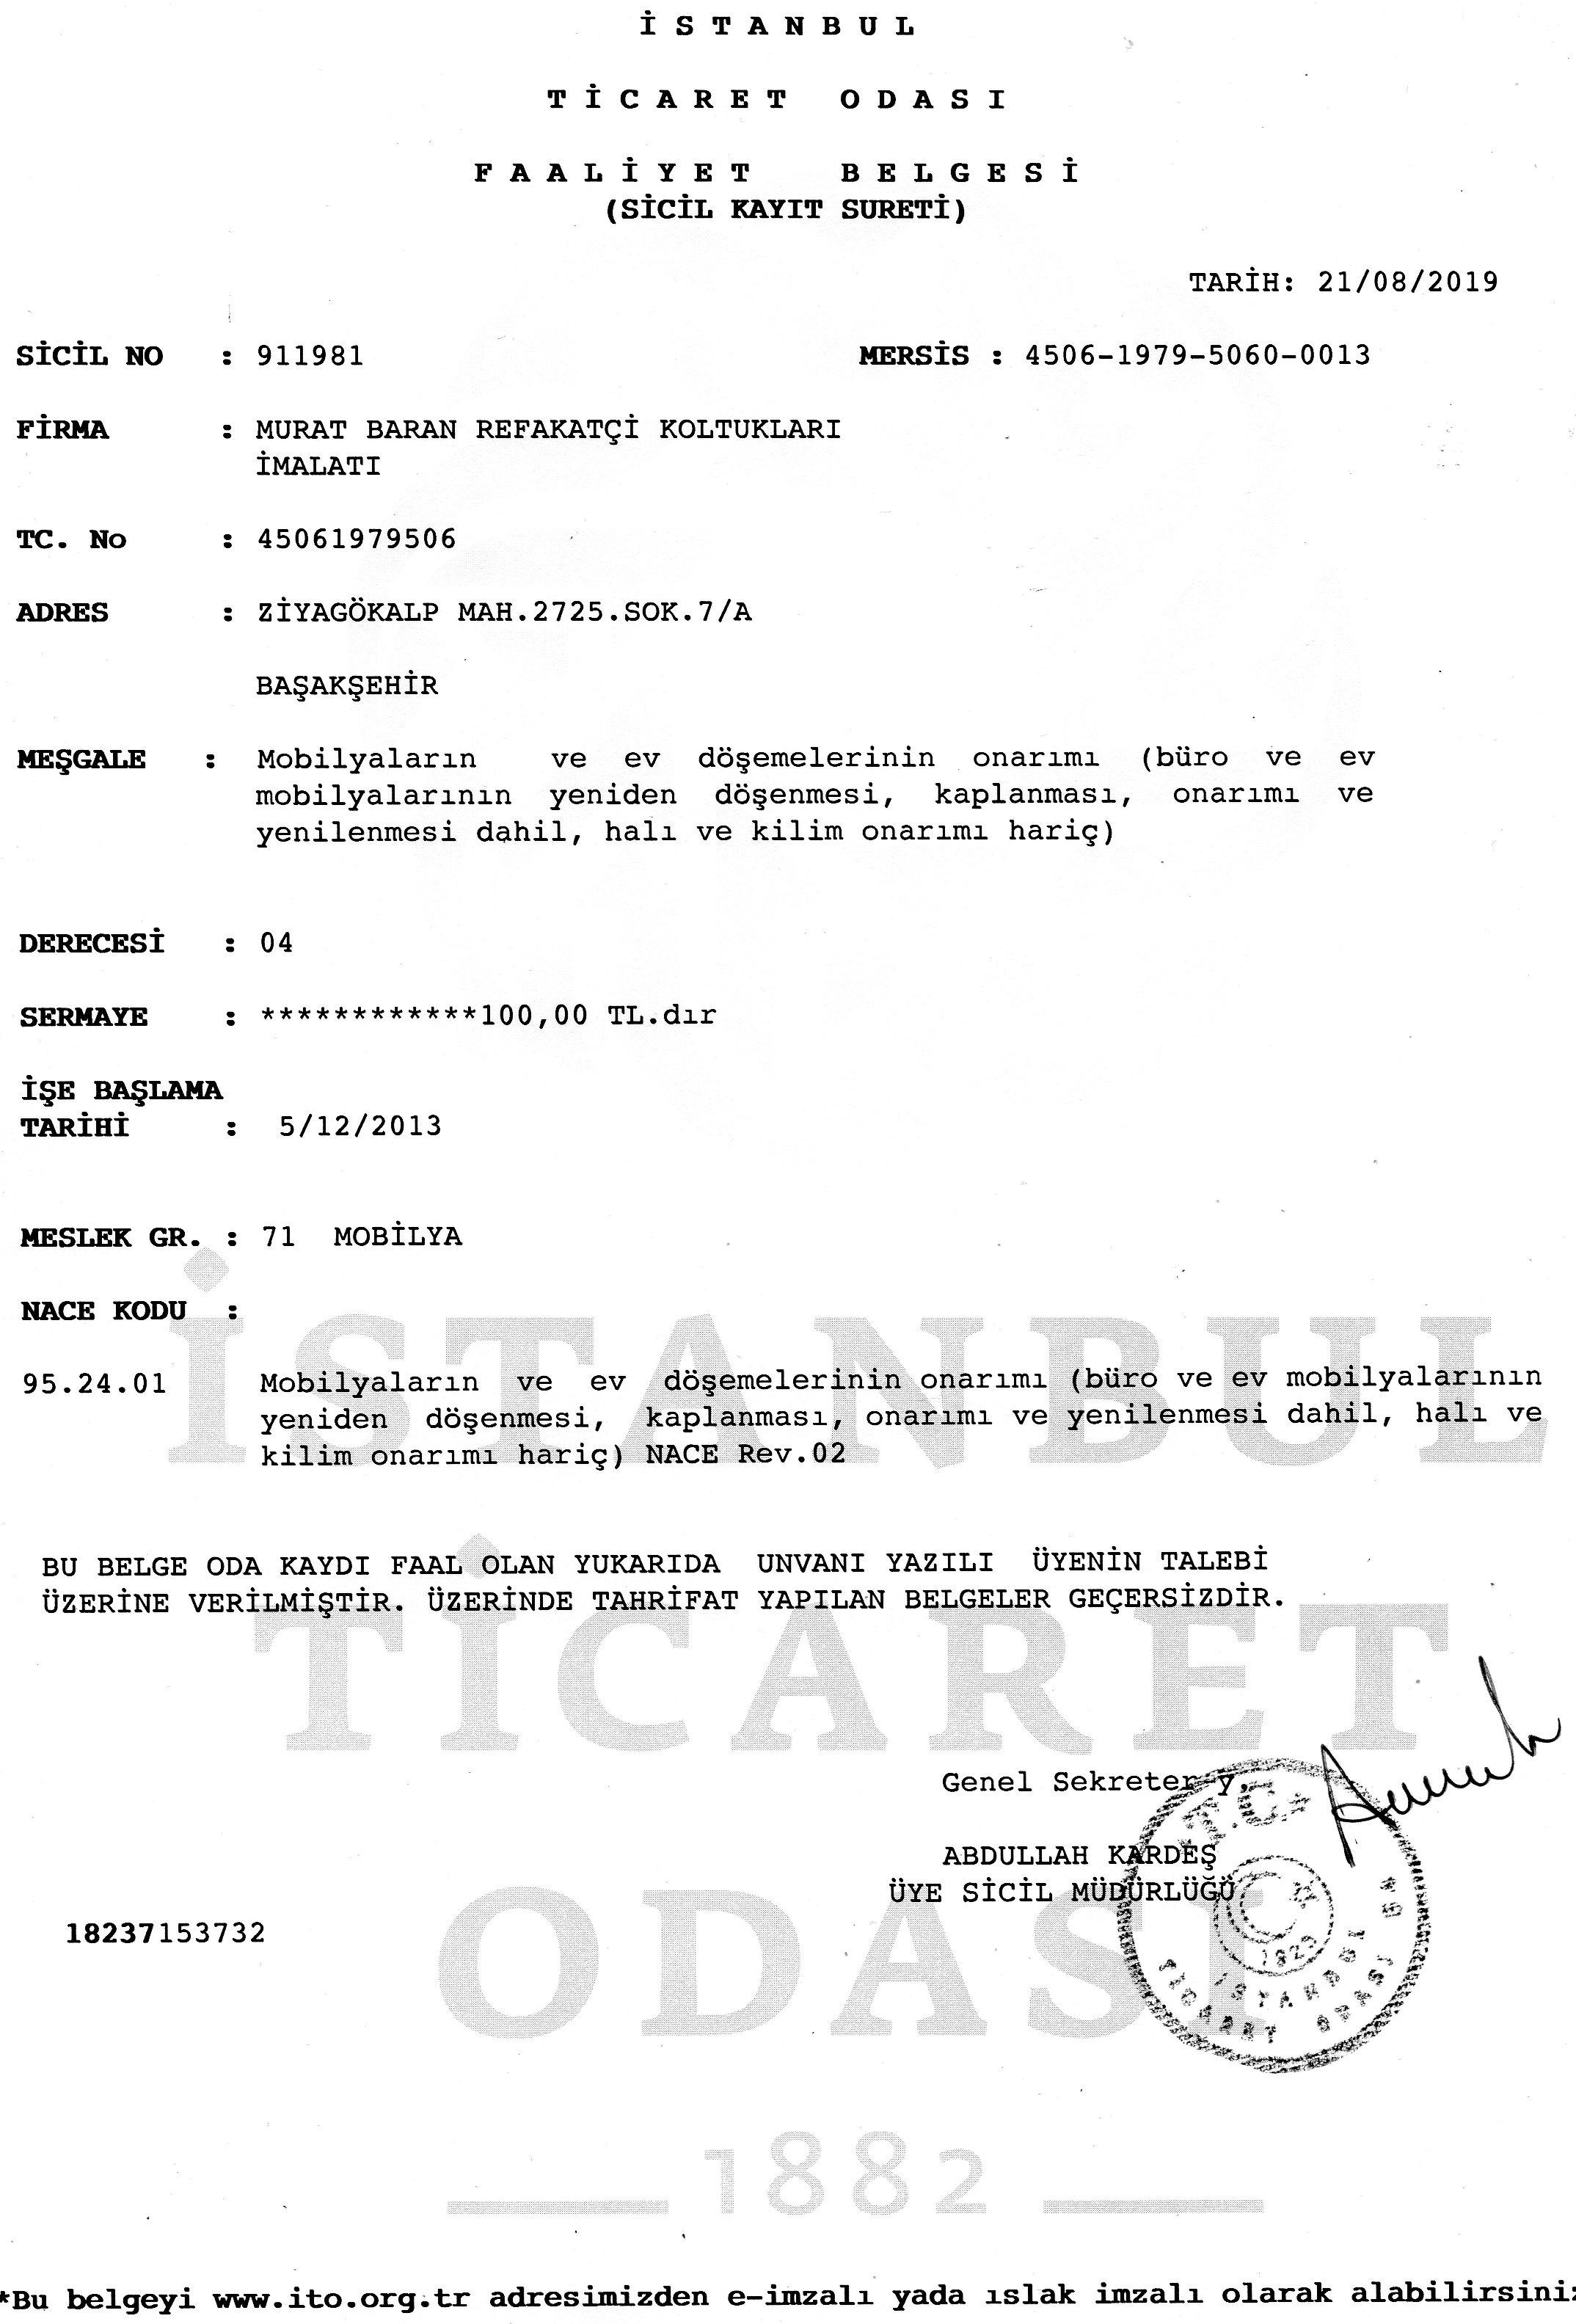 pırımlar faliyet belgesi